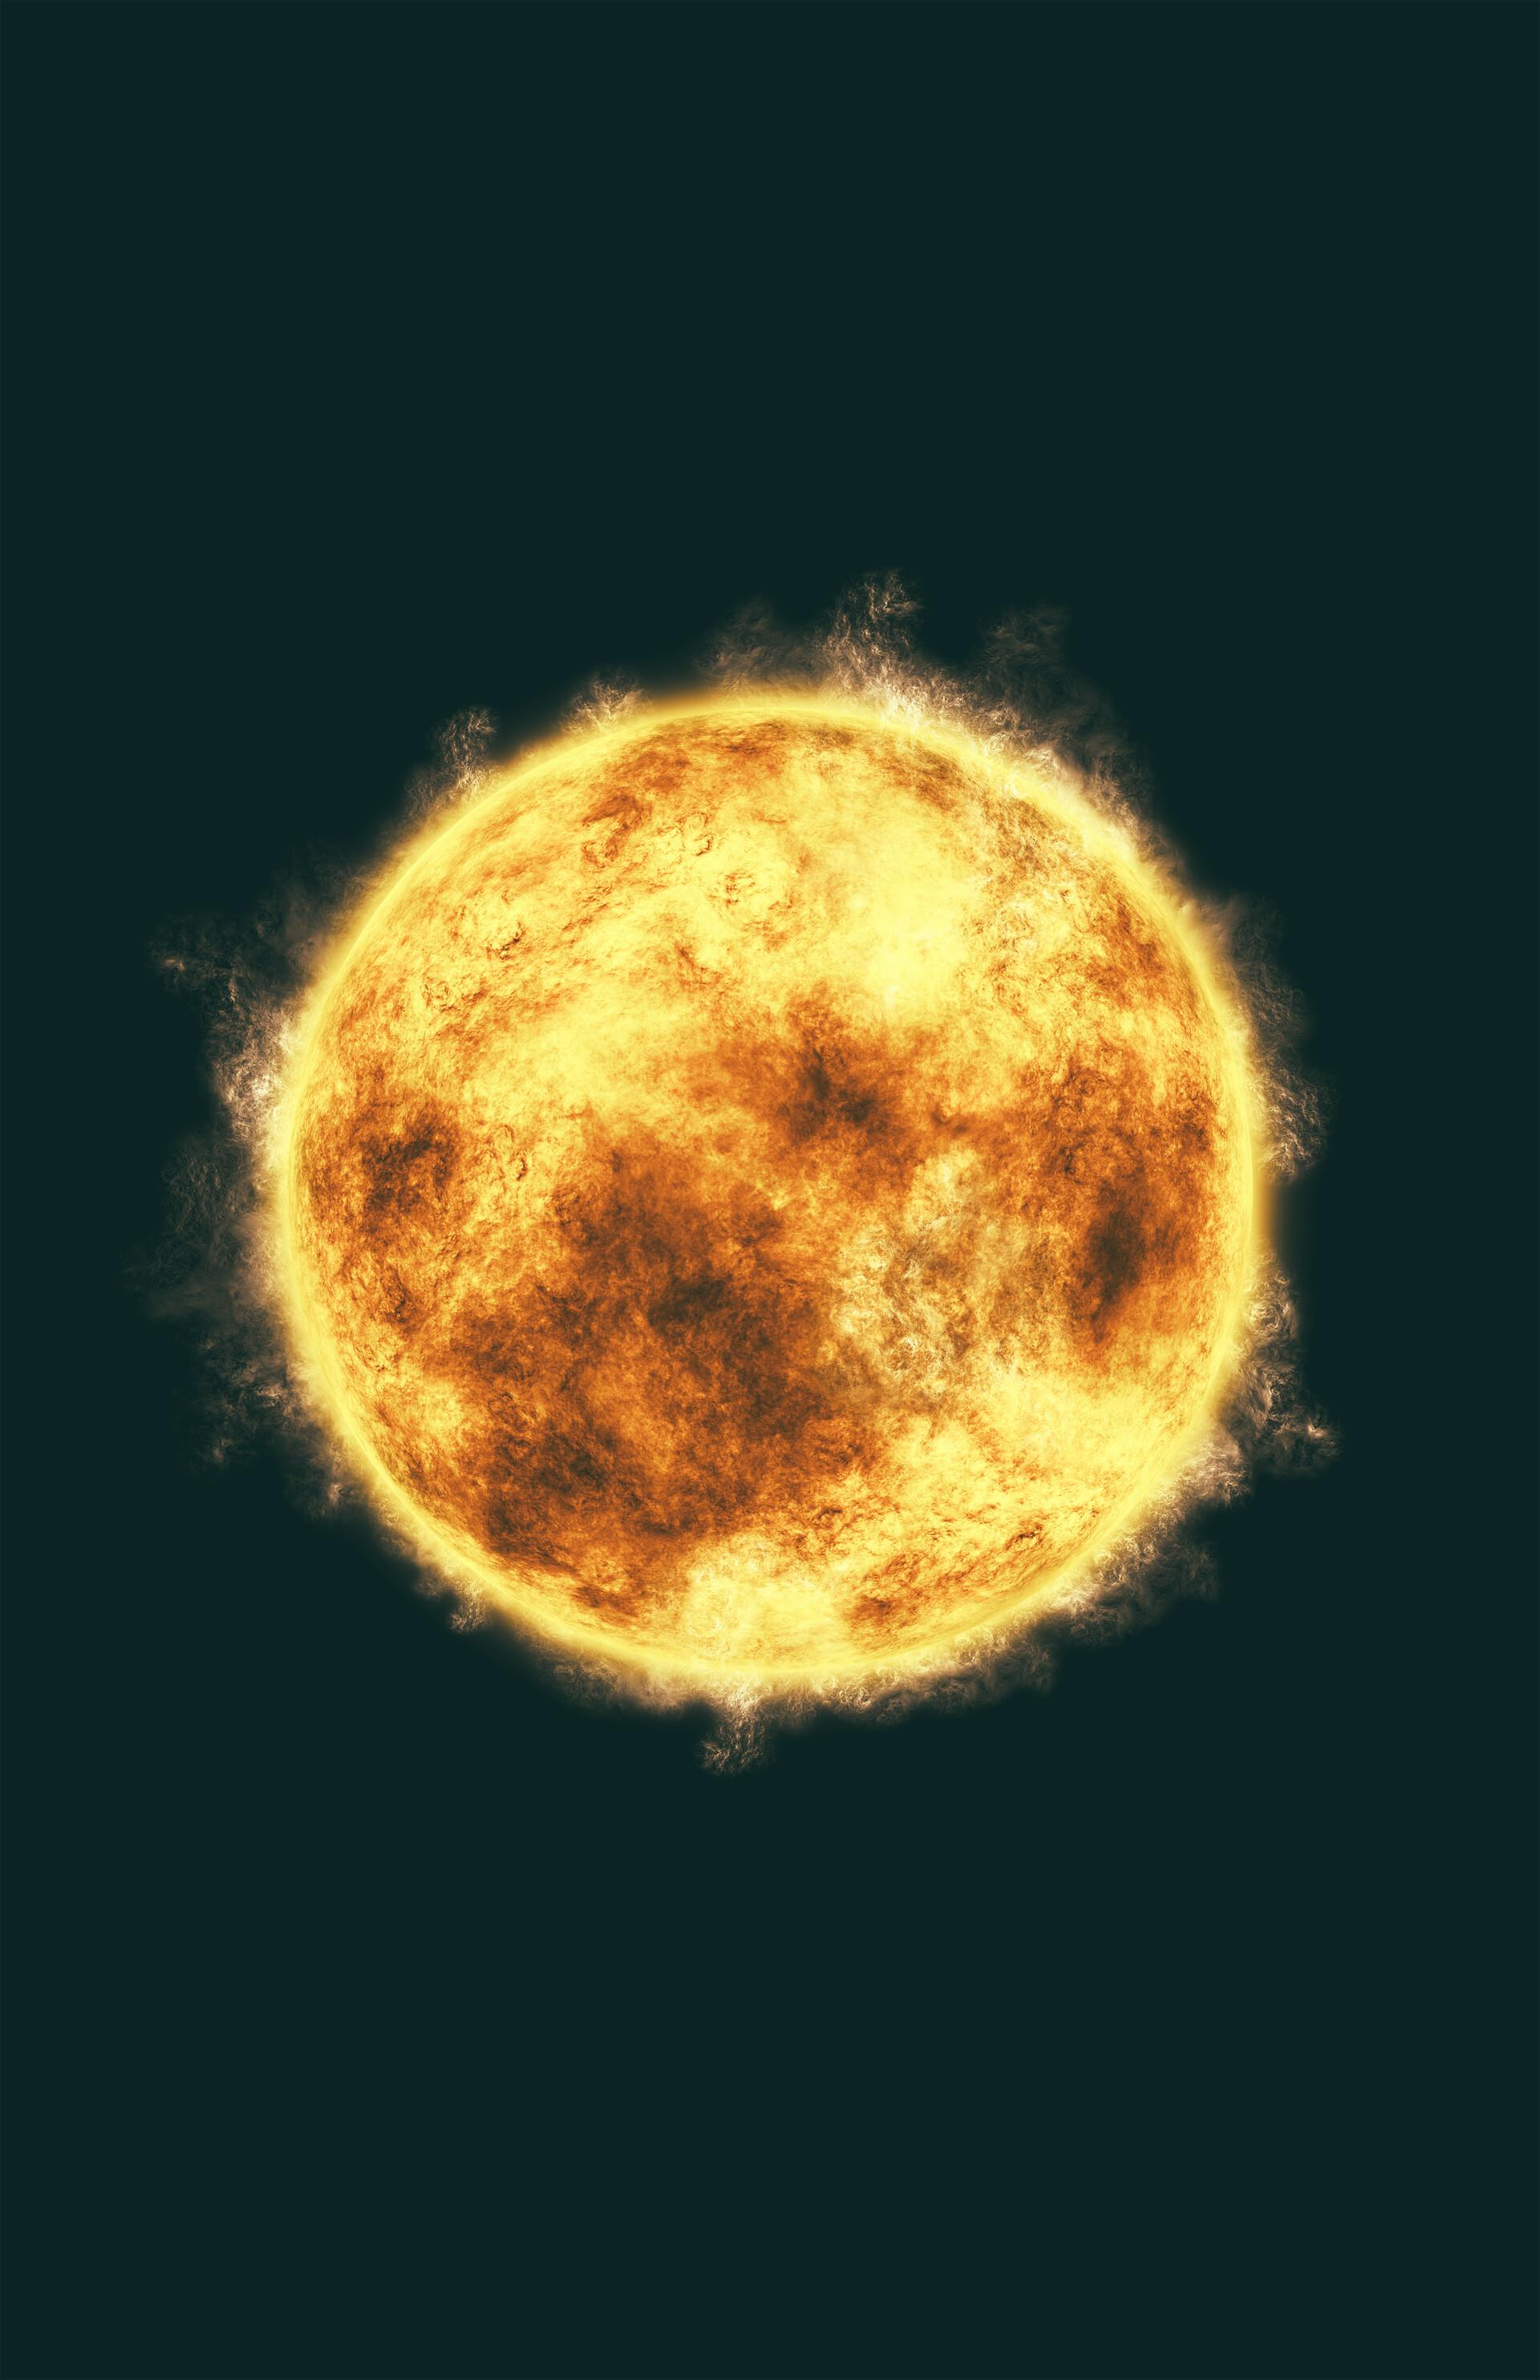 Raul esquivel 14 shattered sun v1